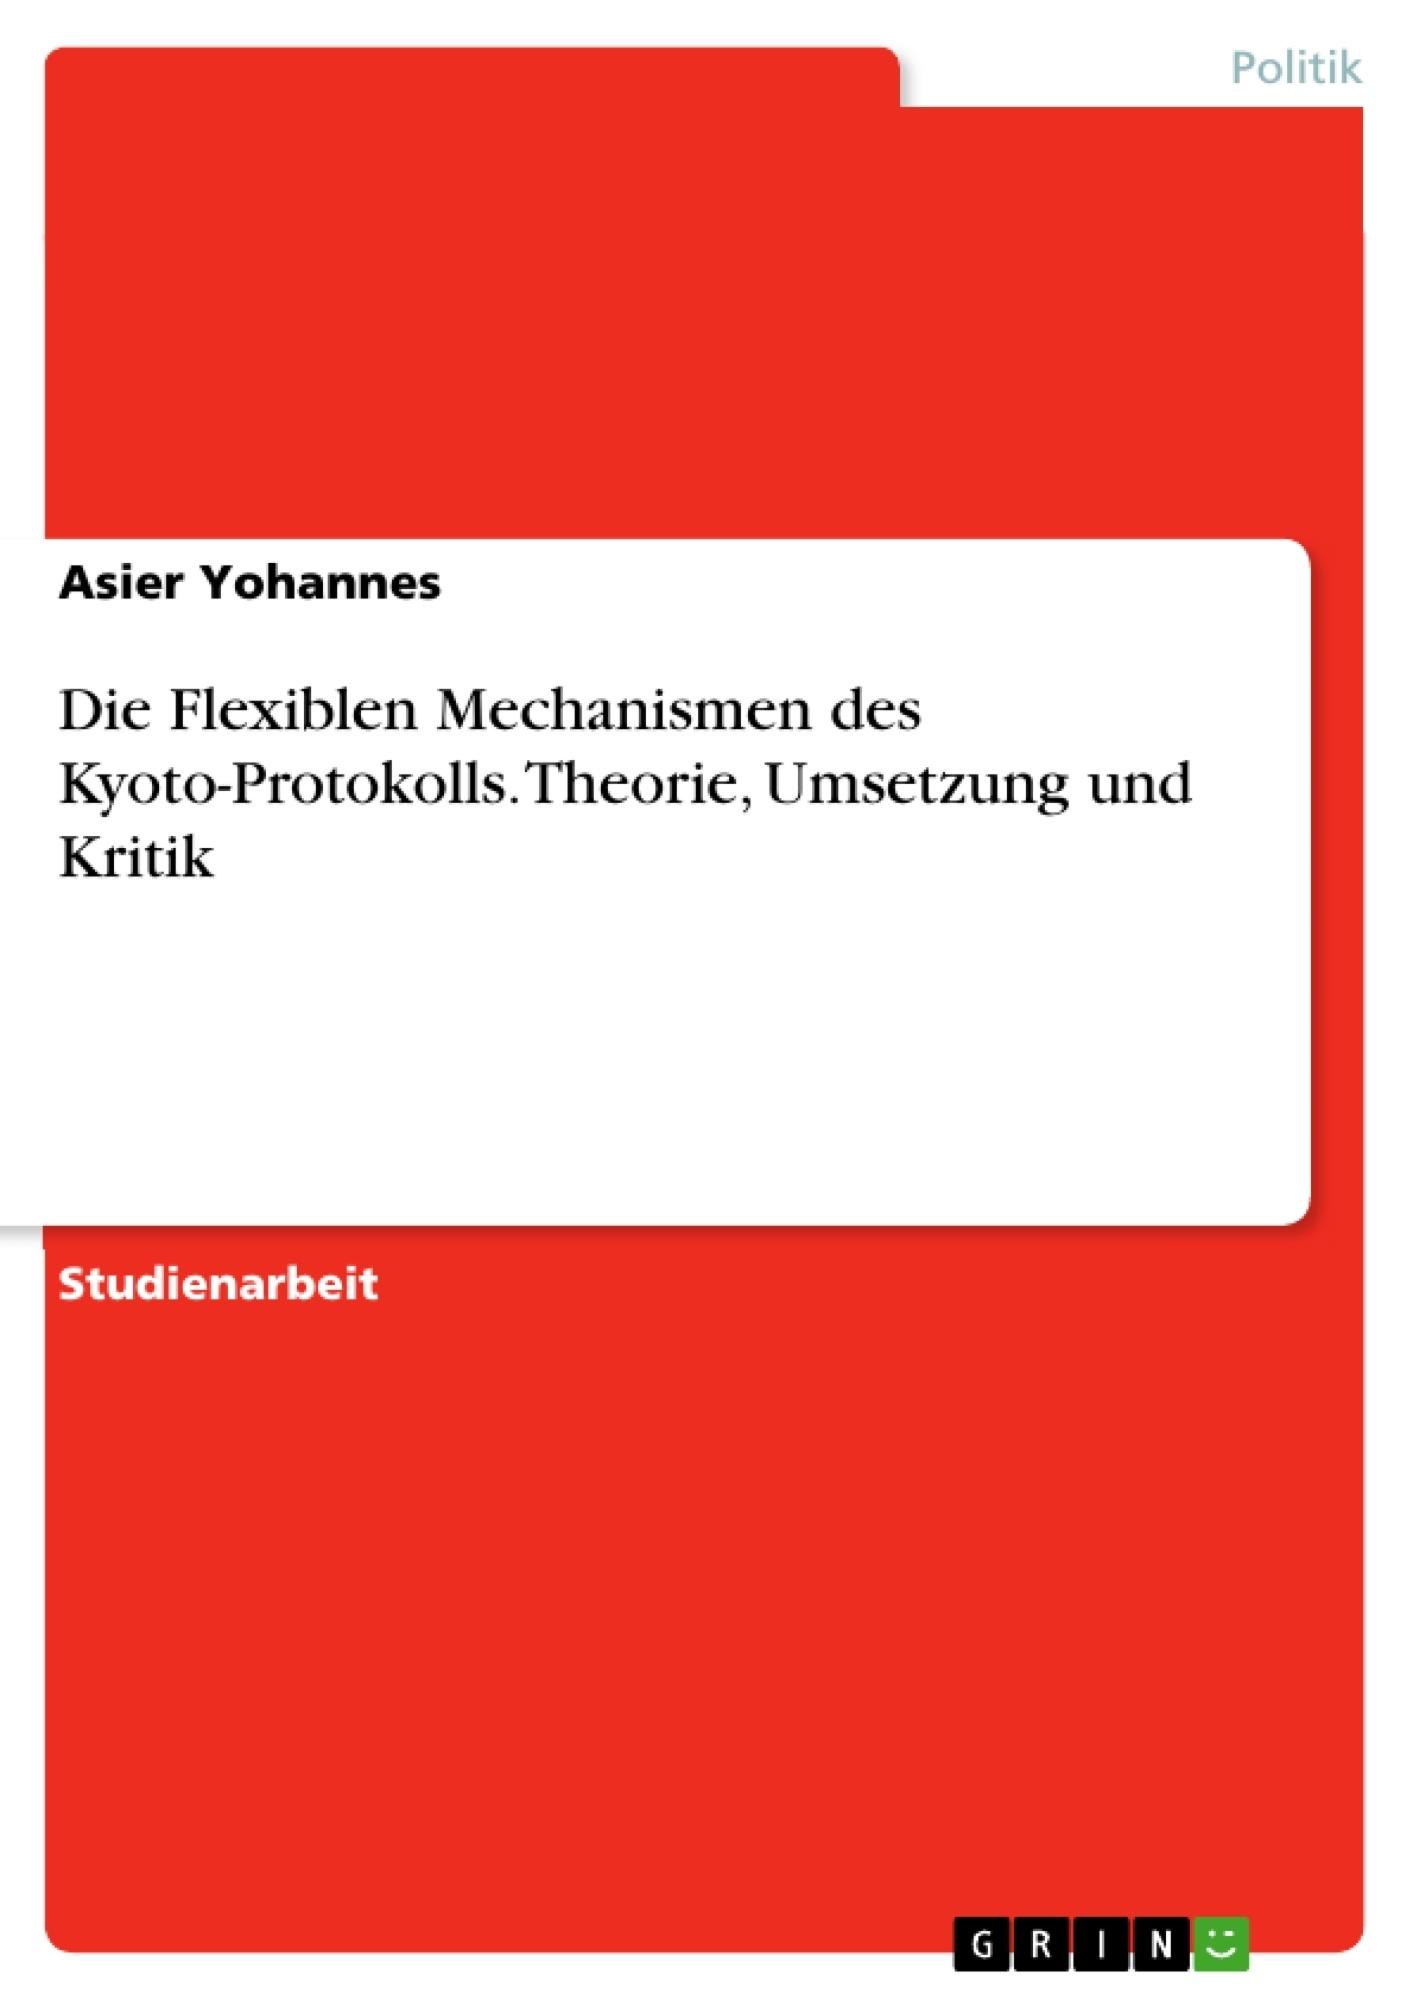 Titel: Die Flexiblen Mechanismen des Kyoto-Protokolls. Theorie, Umsetzung und Kritik